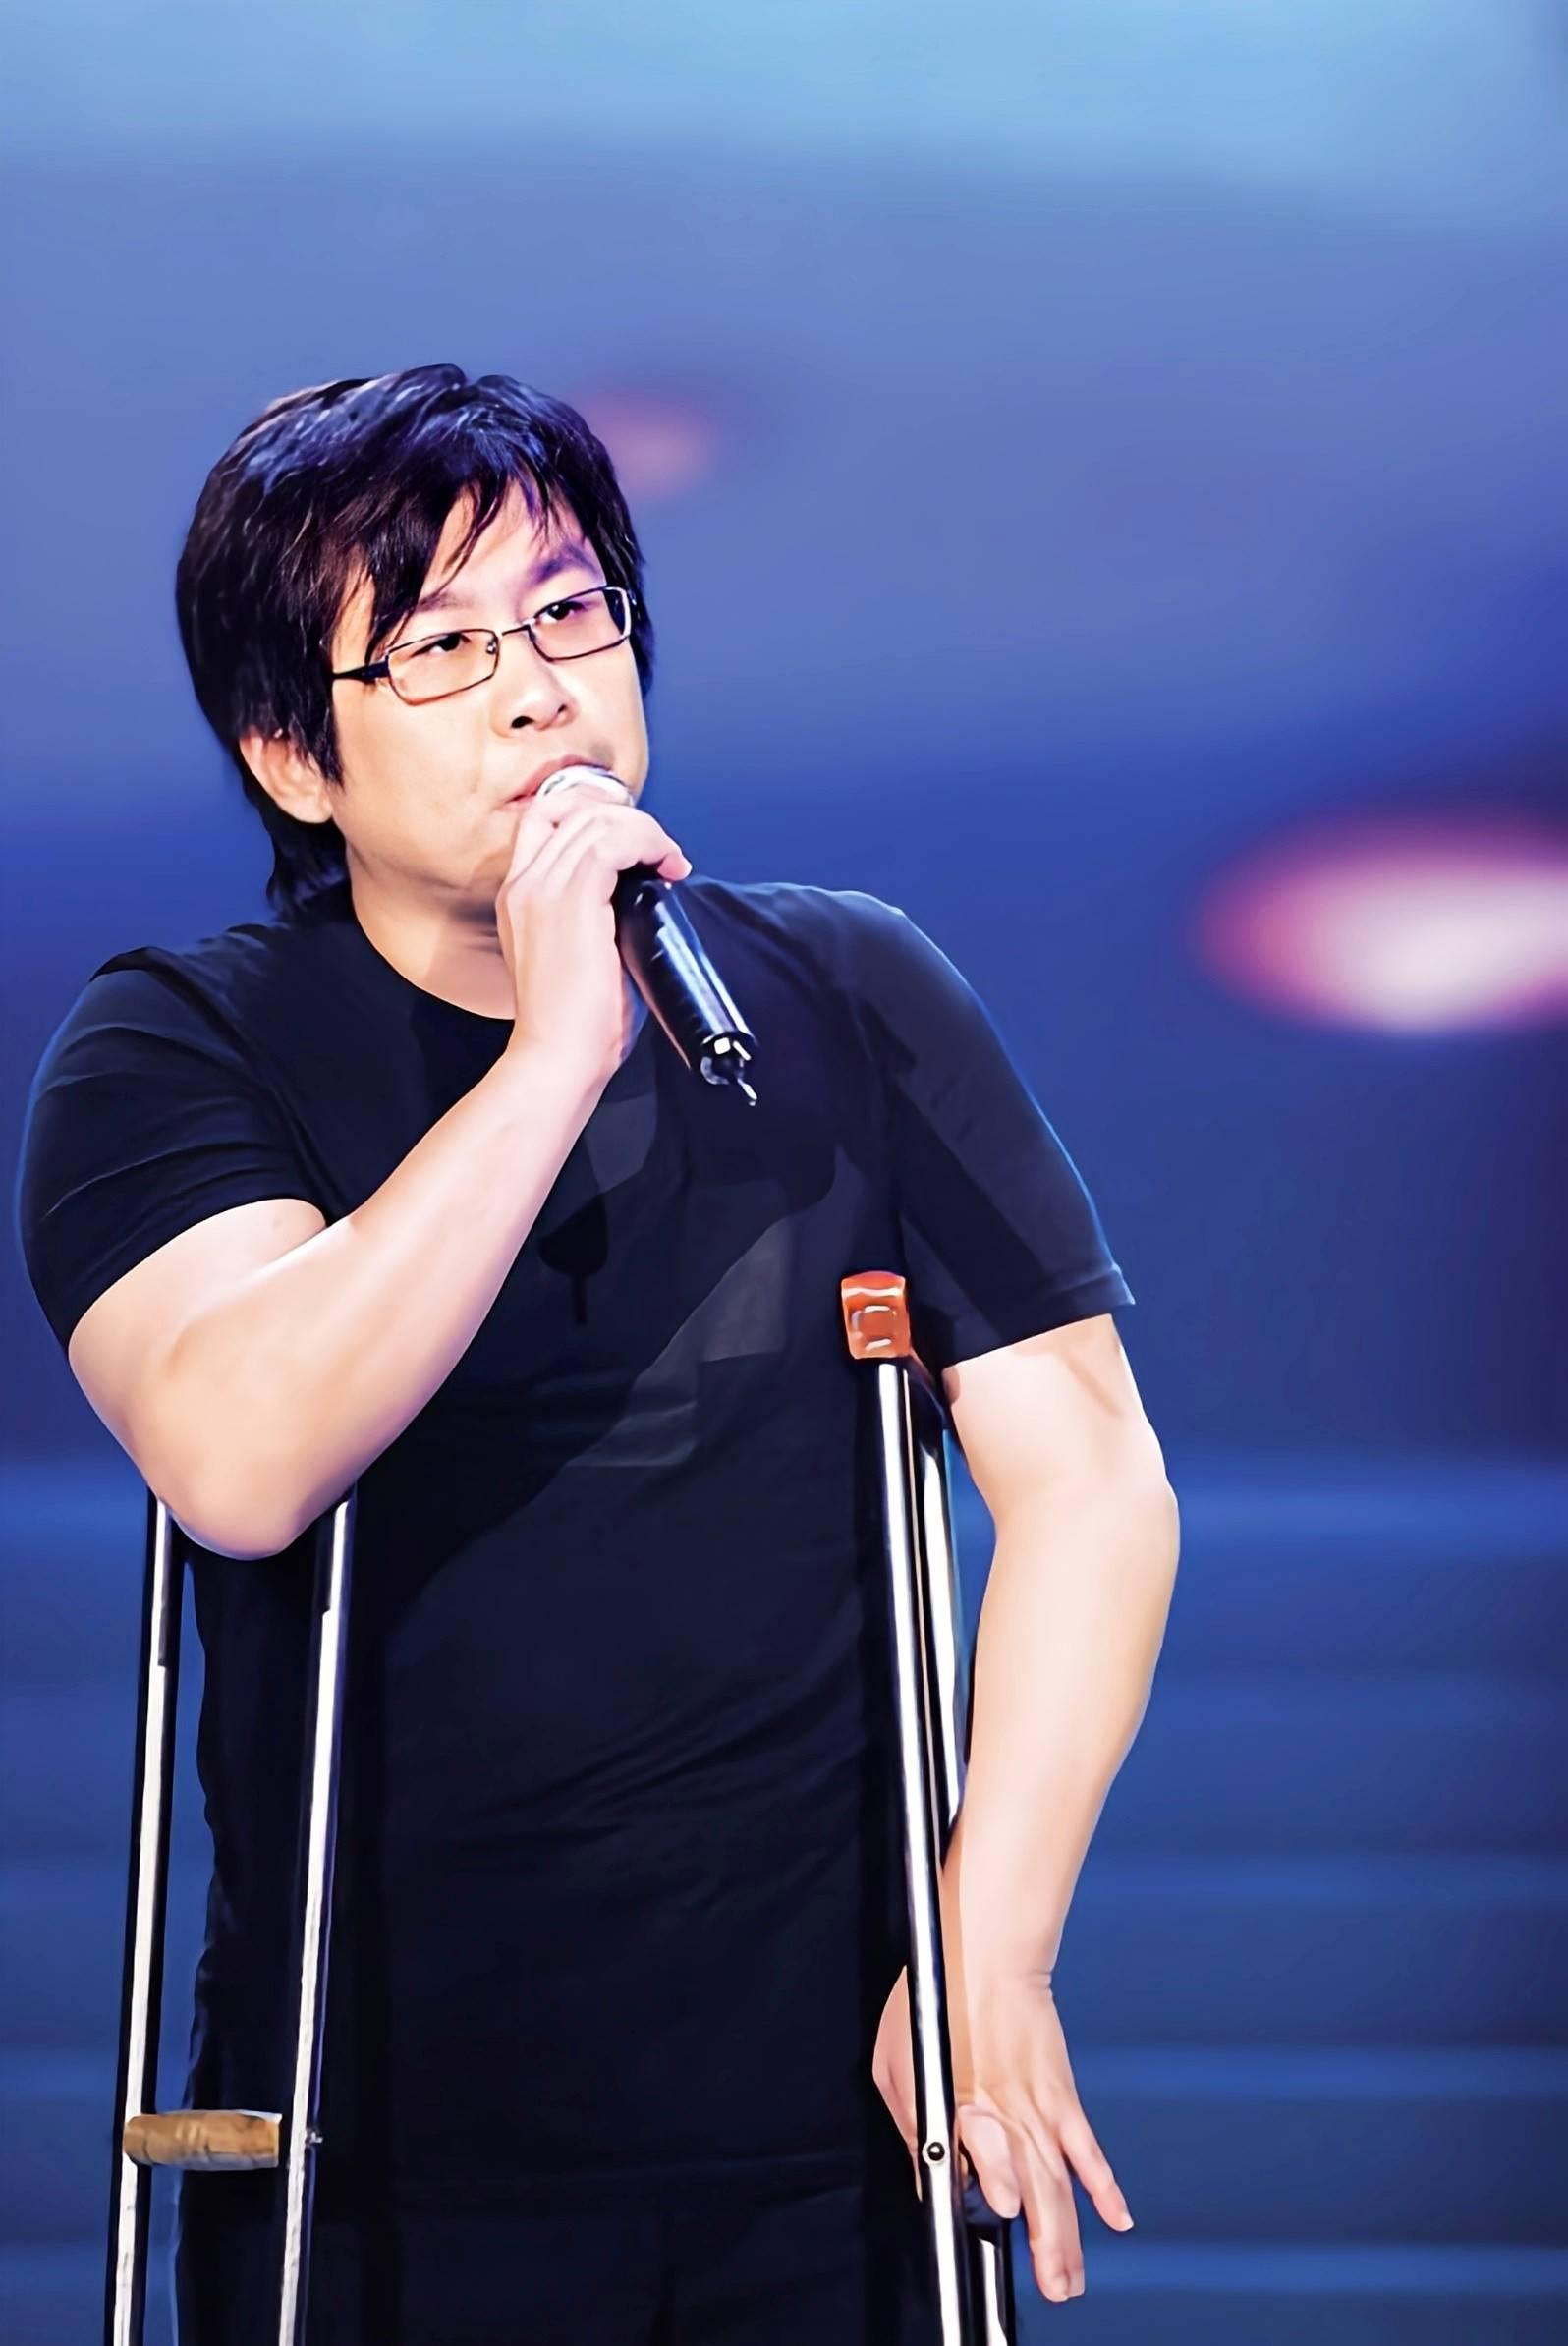 郑智化:靠《星星点灯》和《水手》走红,他的歌陪伴了多少人的青春